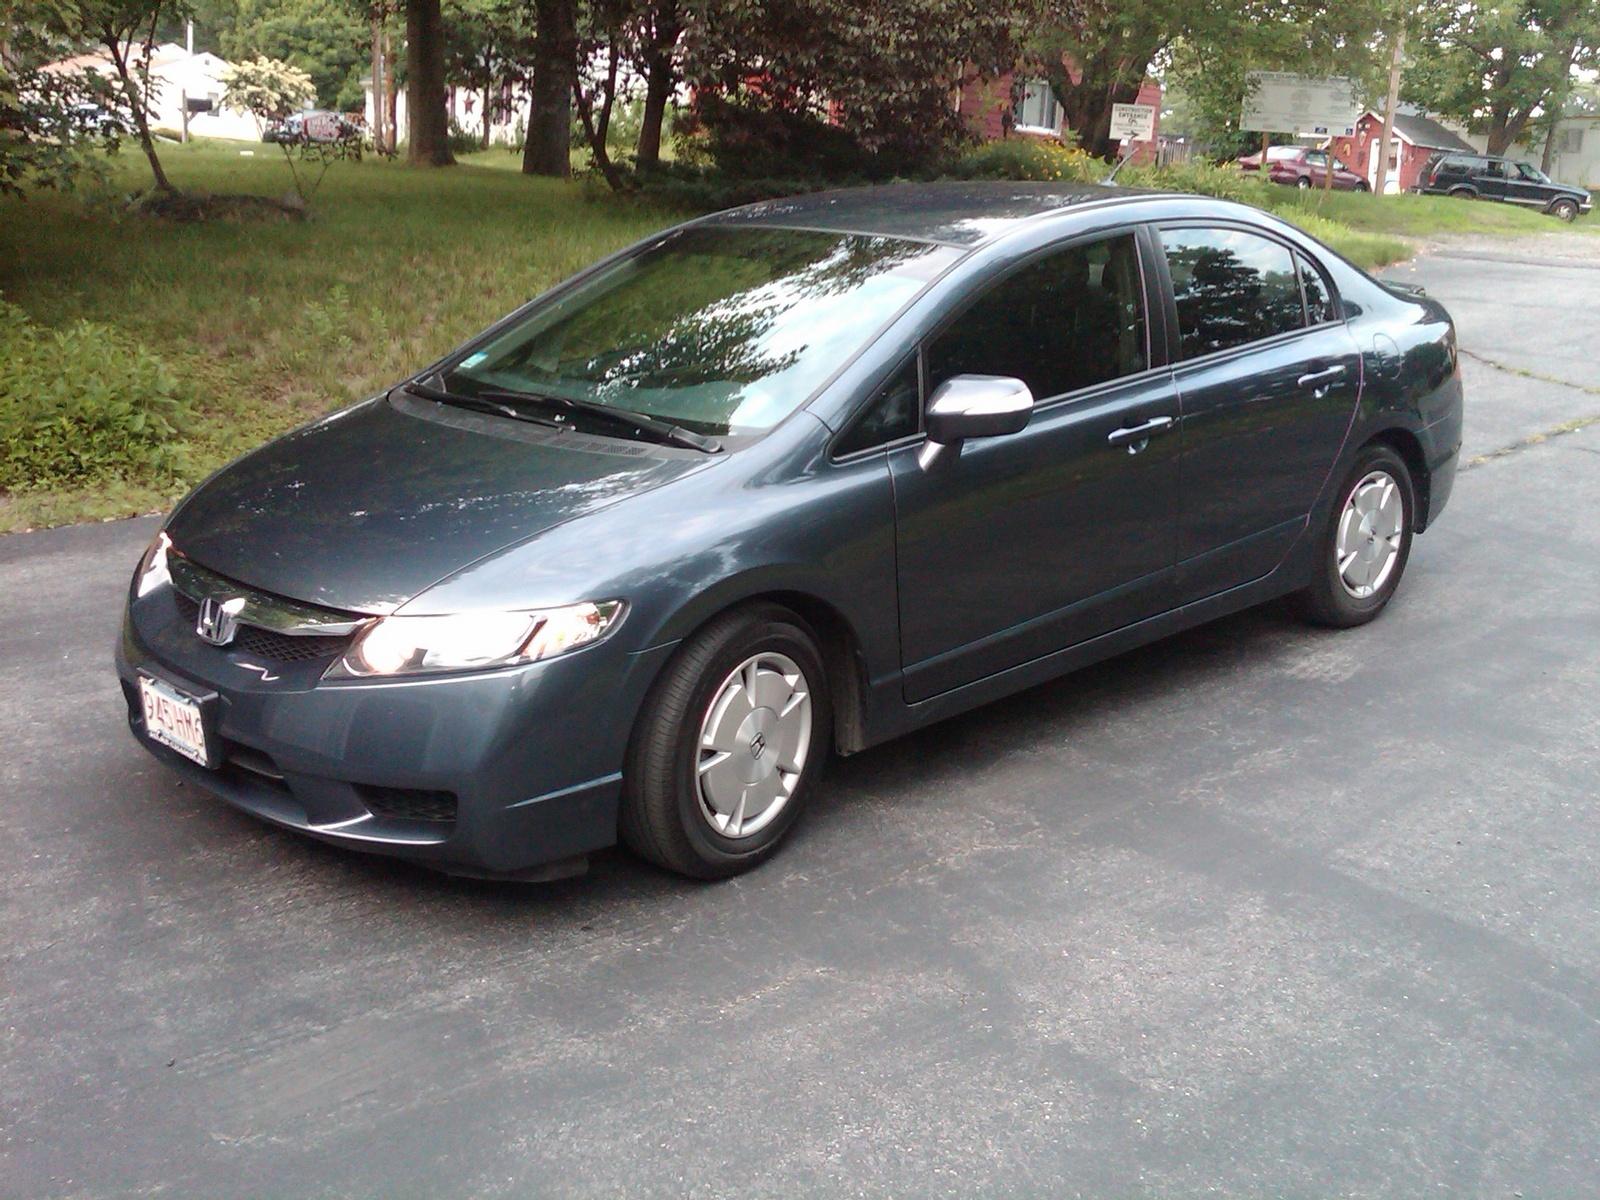 Honda Civic Hybrid Pic